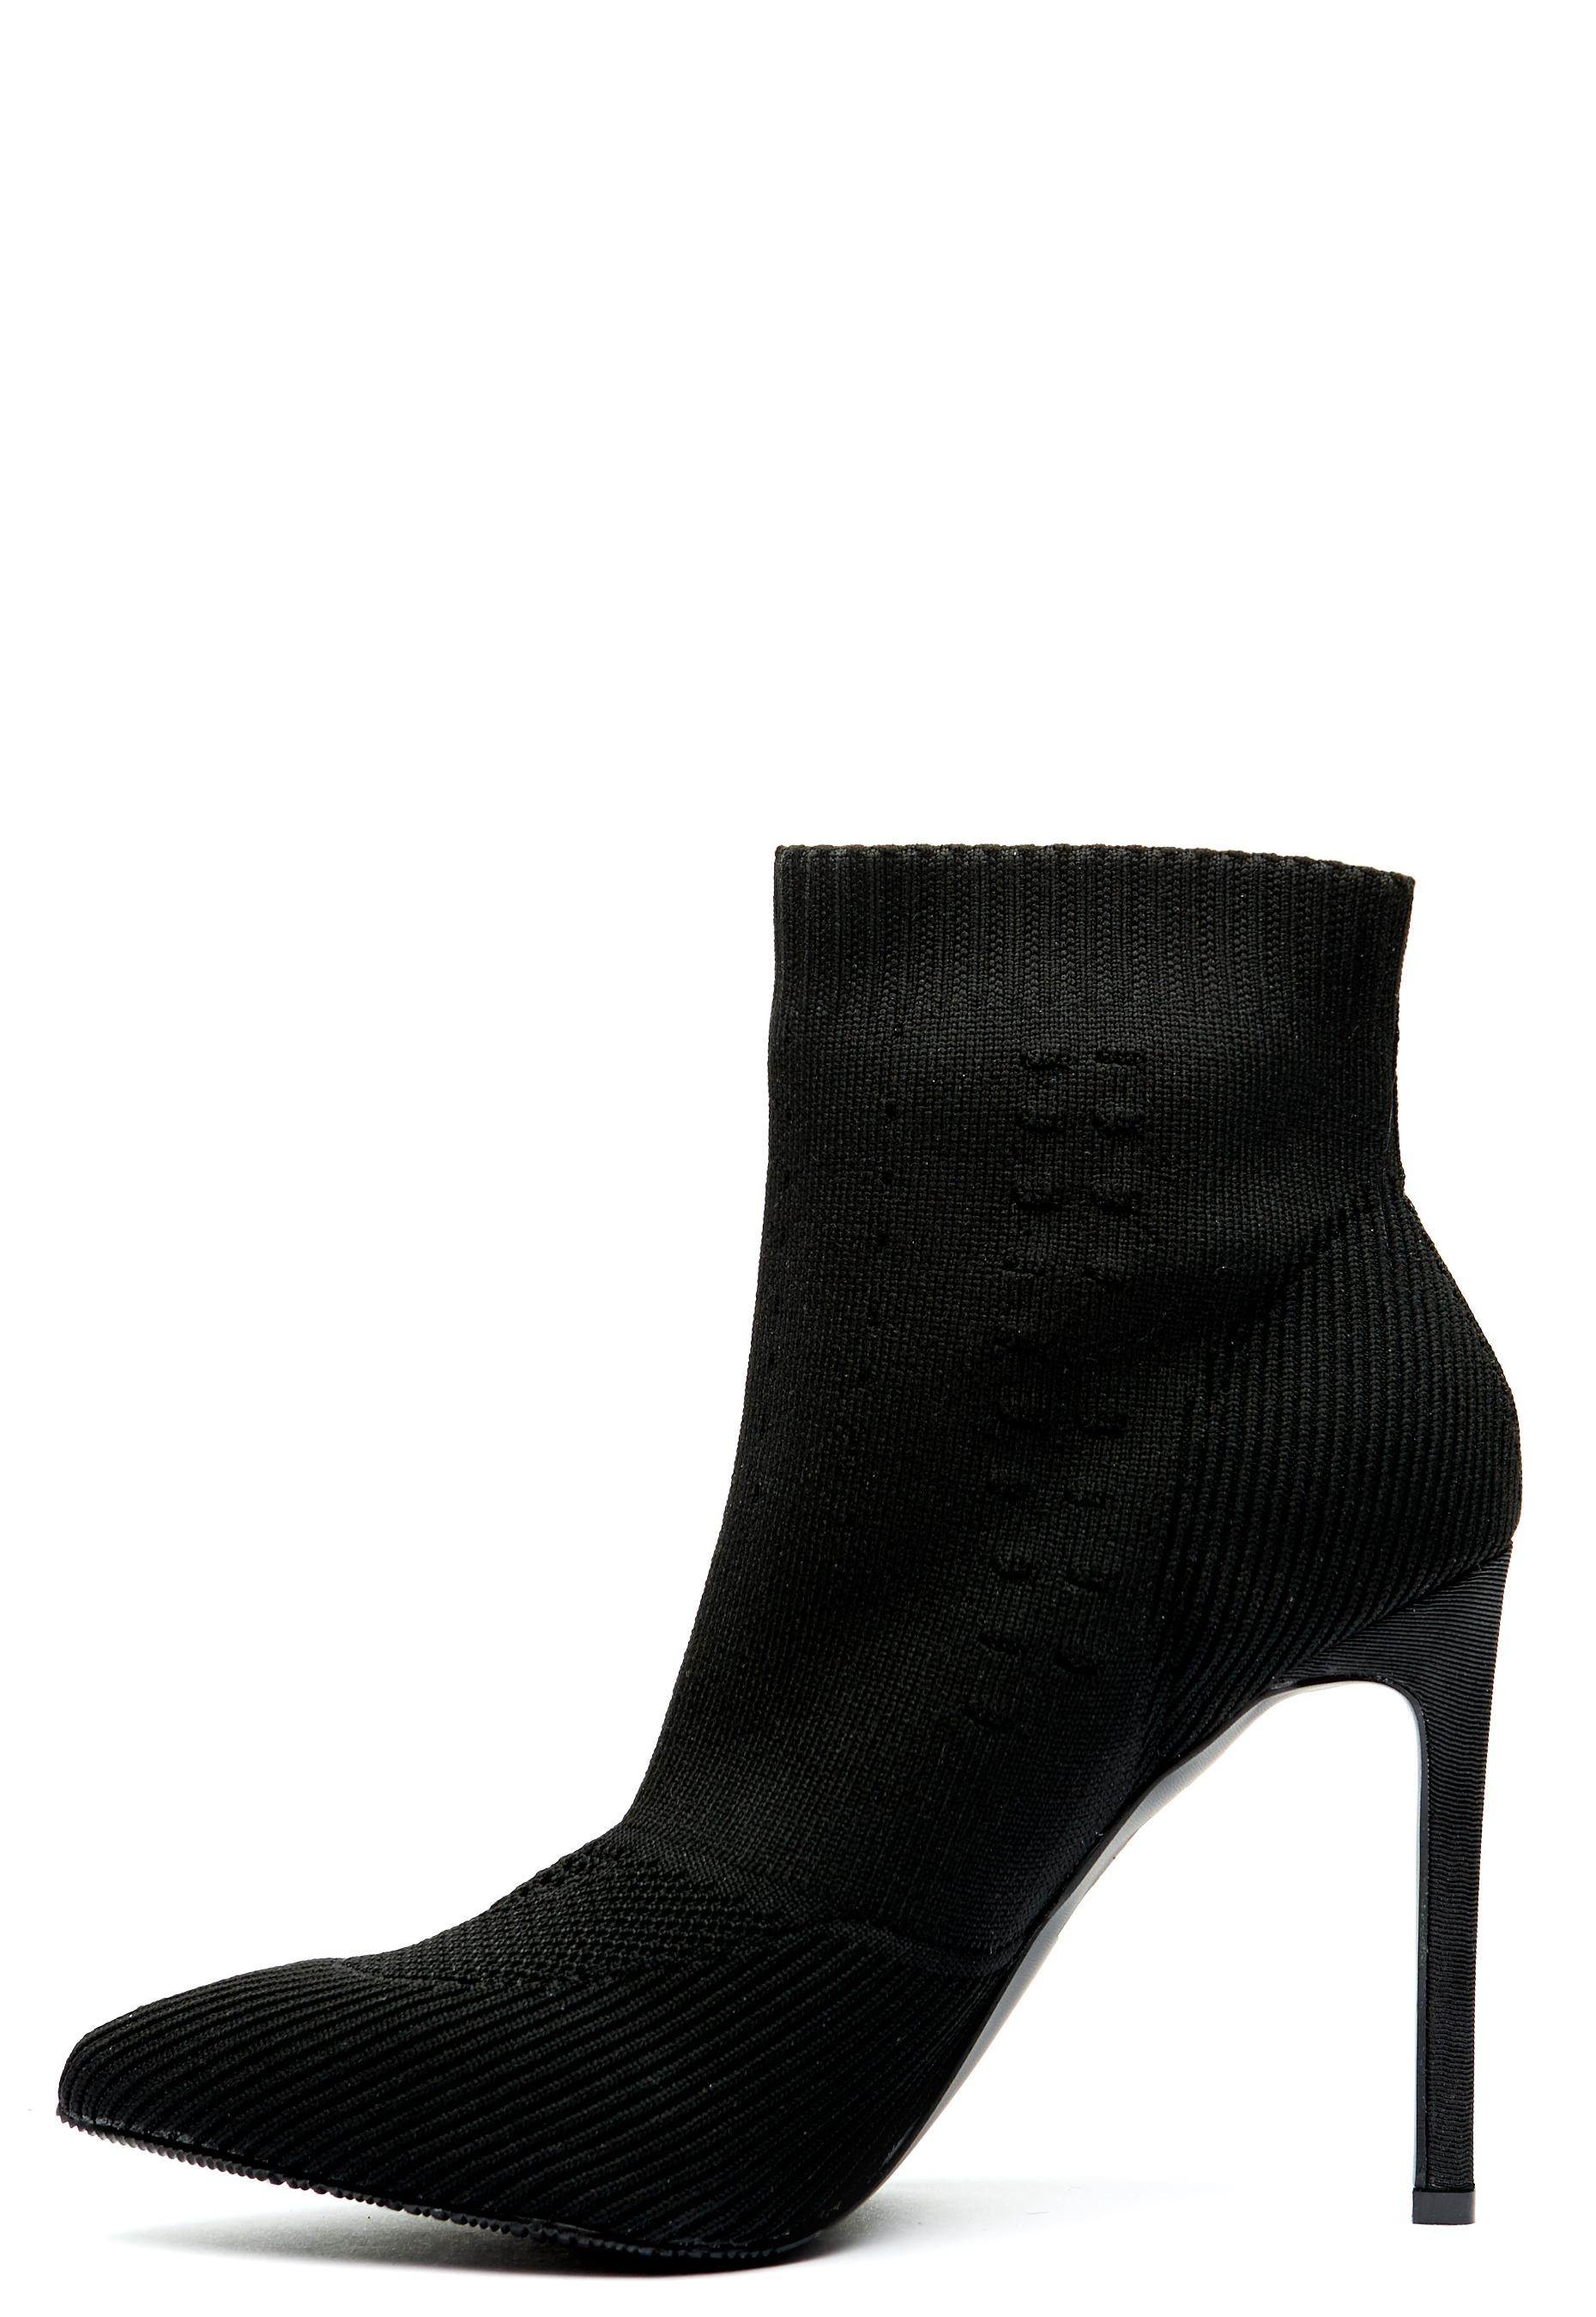 0bc3cee5e2 Francesco Milano Stivaletto Shoes Nero - Bubbleroom